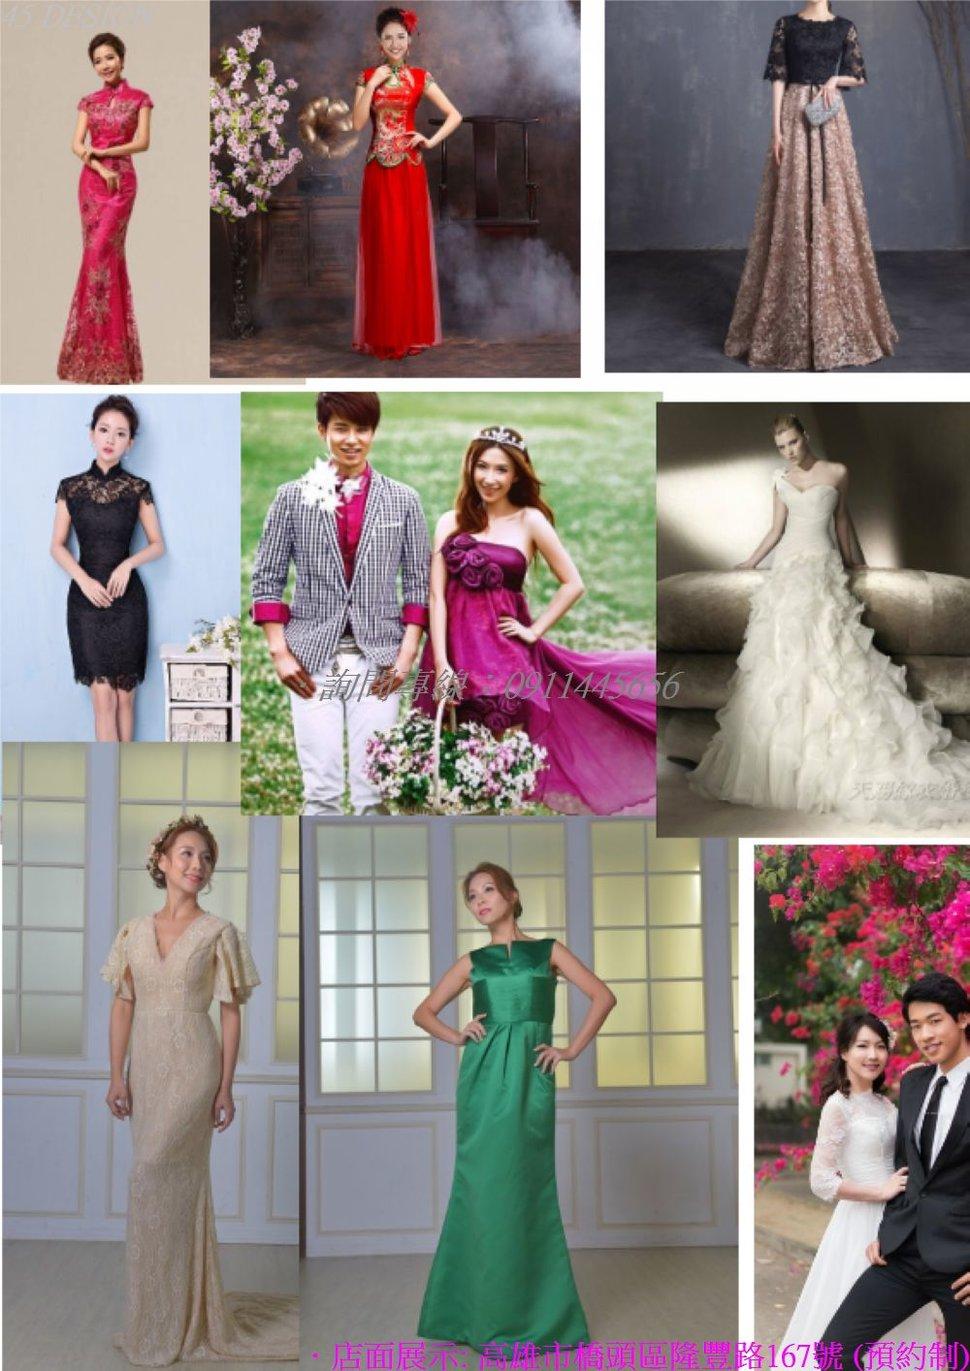 msl19081573B1CB895A94434DA5F957B6F98BB96E - 全台最便宜-45DESIGN四五婚紗禮服《結婚吧》